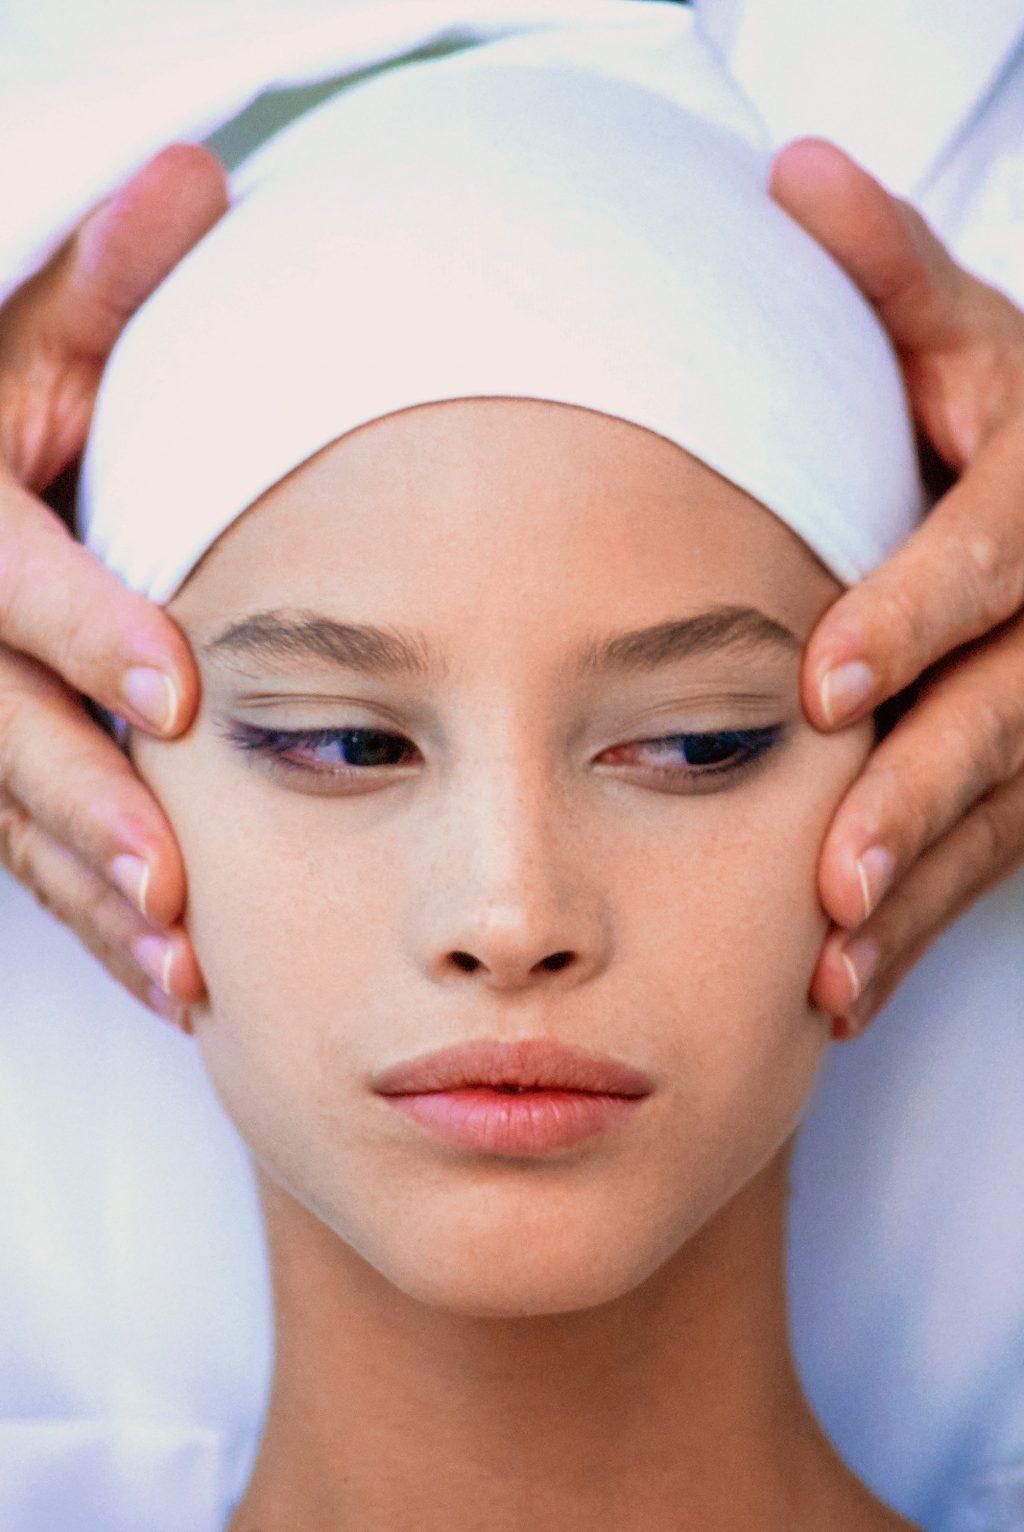 Than hoạt tính có khả năng dưỡng ẩm và loại bỏ các chất nhờn trên da